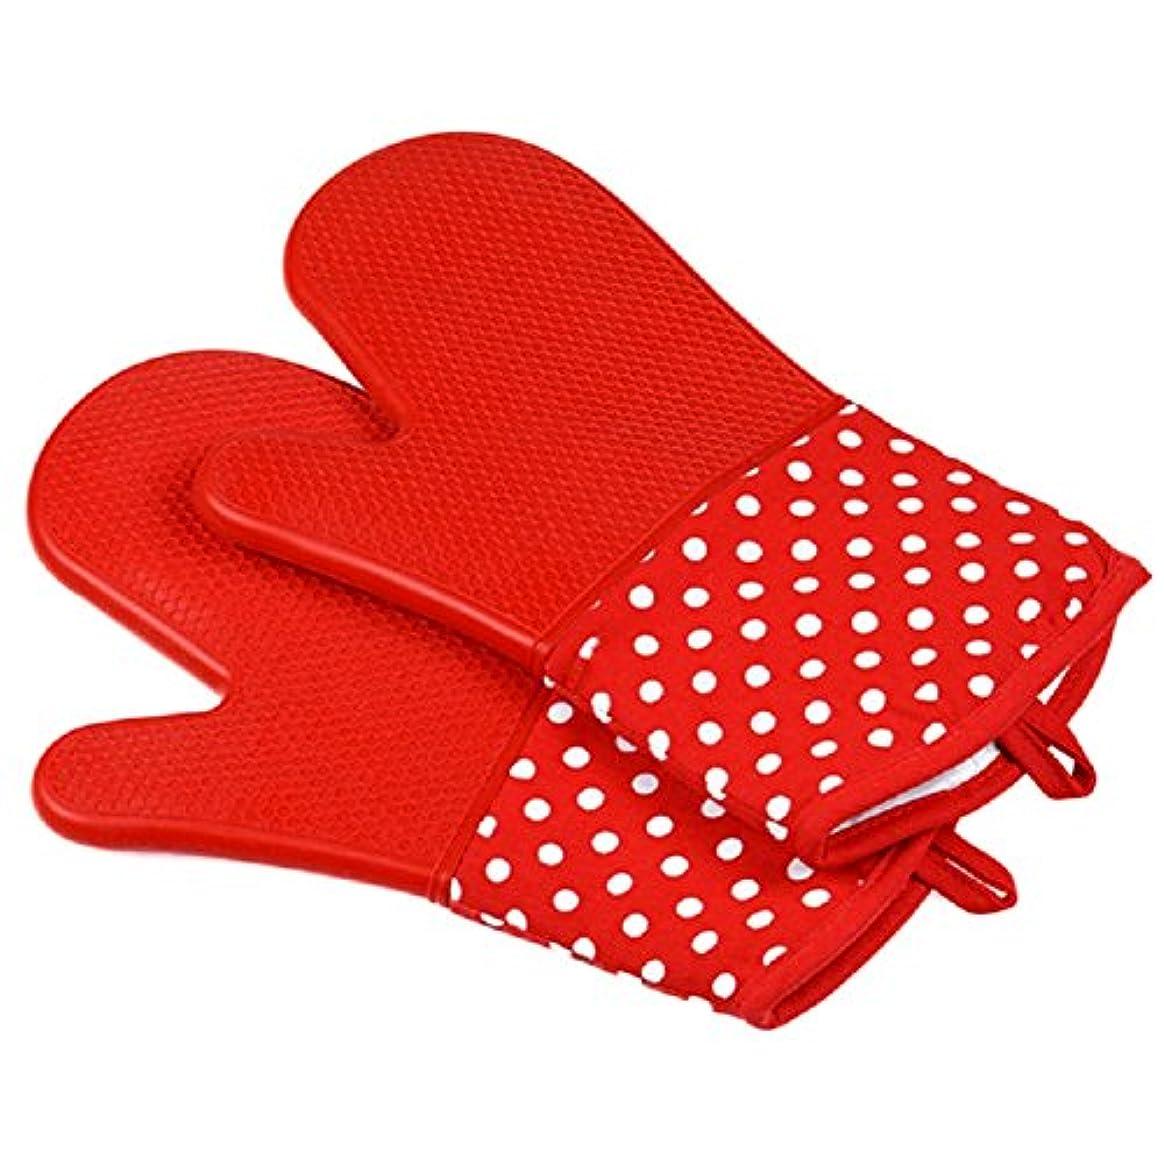 OUYOU 耐熱グローブ シリコンチェック 耐熱温度300℃ キッチングローブ オーブンミトン シリコン手袋 滑り止め クッキング用 フリーサイズ 2個セット